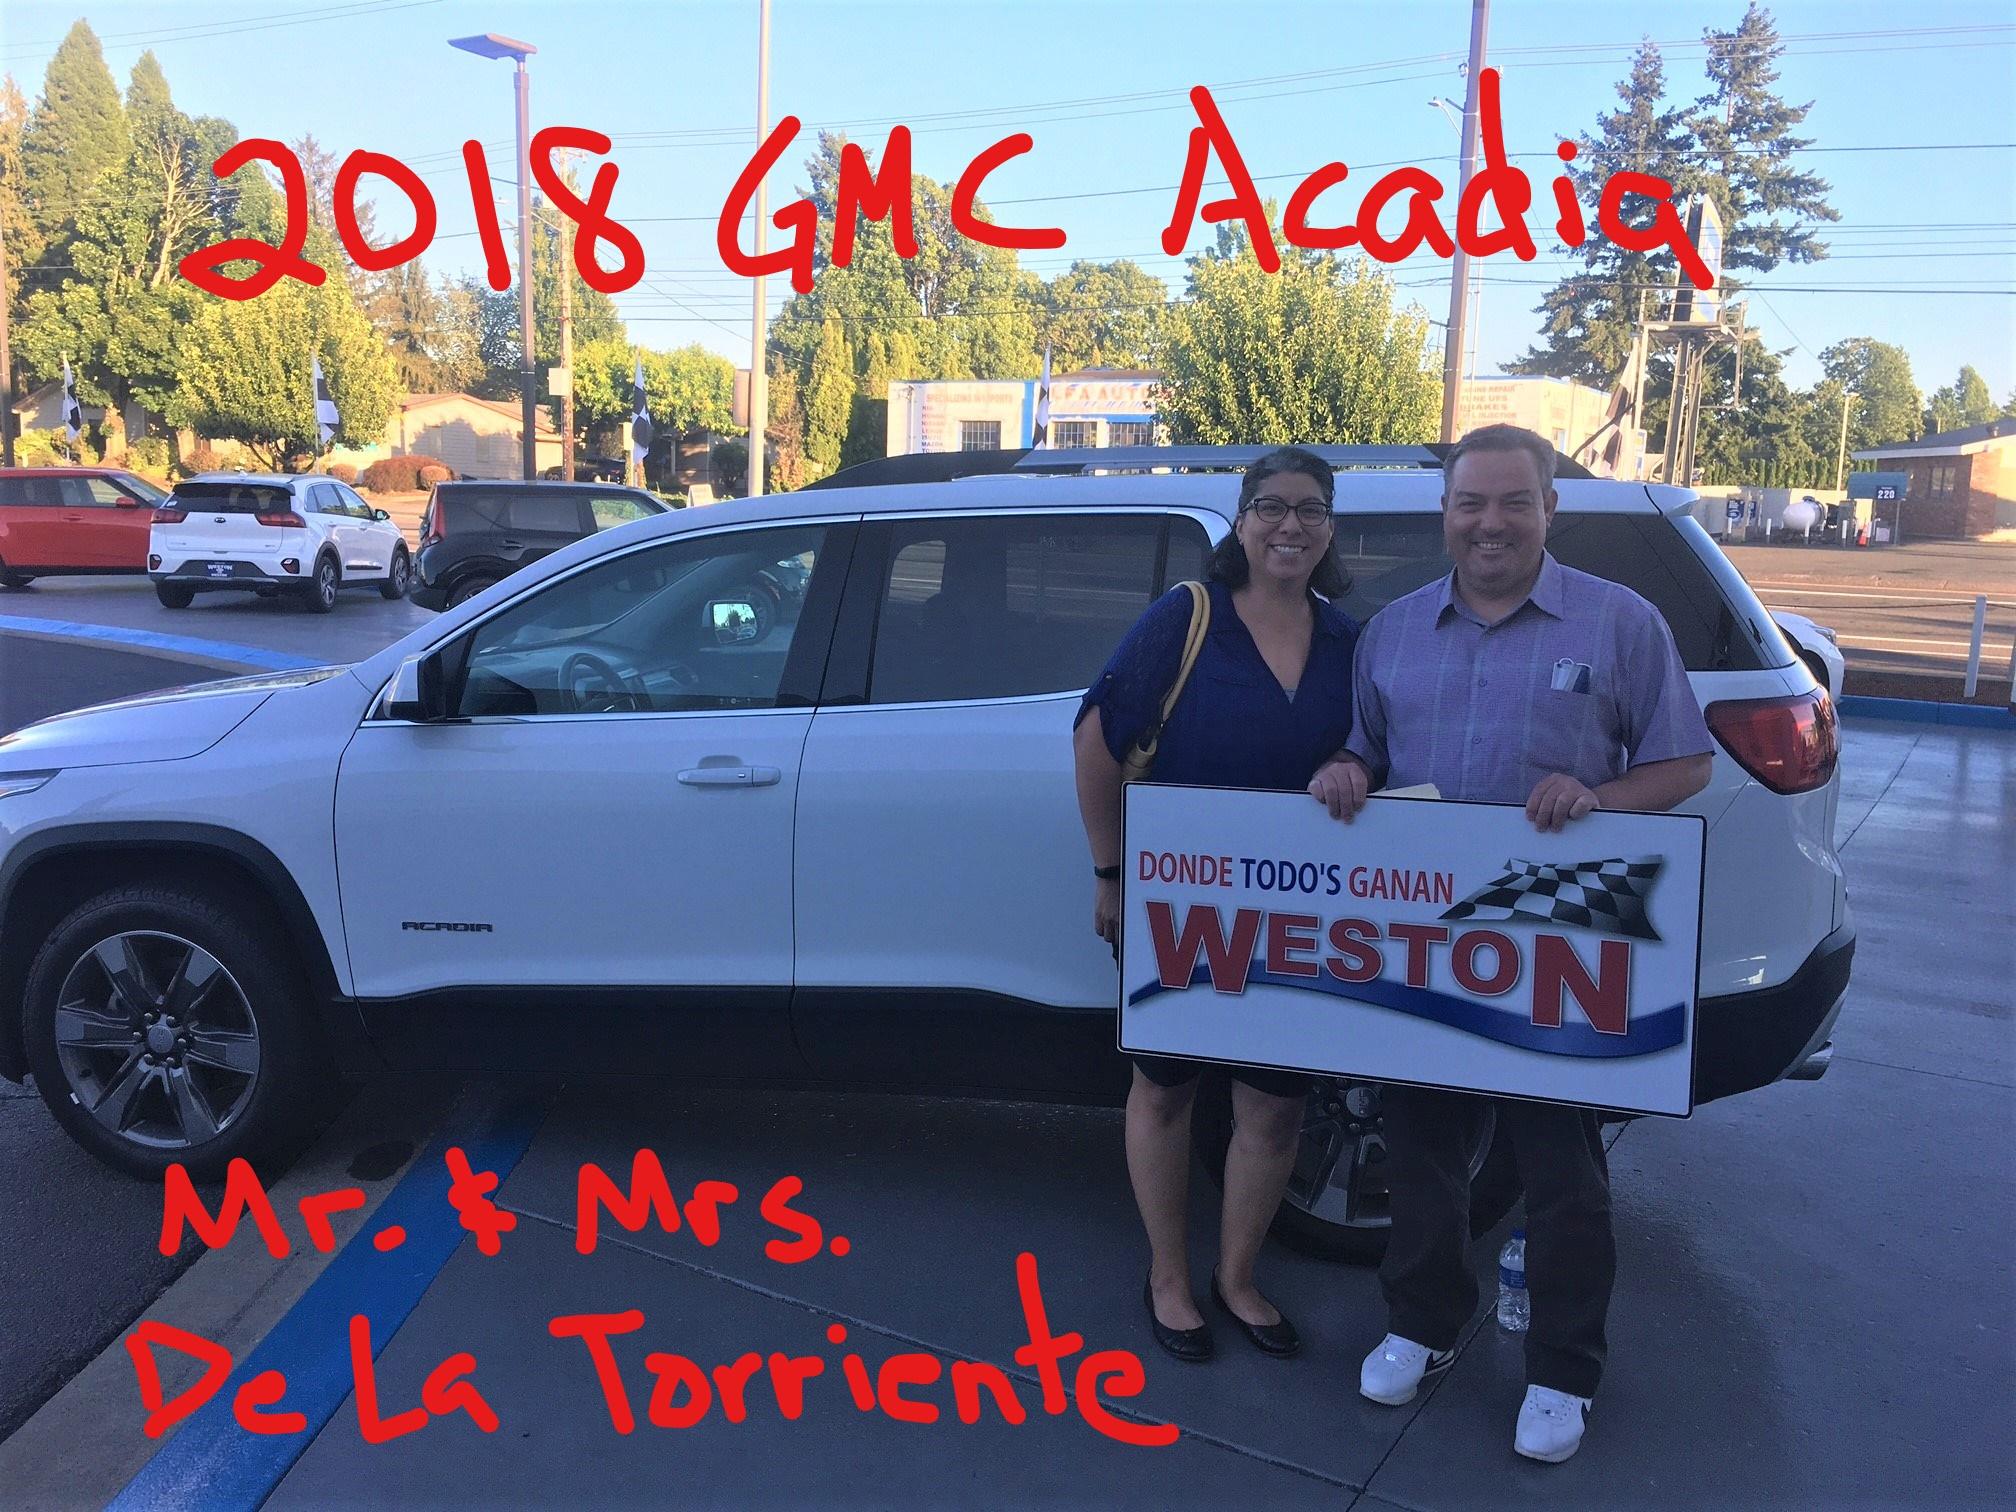 2018 GMC Acadia Mr & Mrs De La Torriente